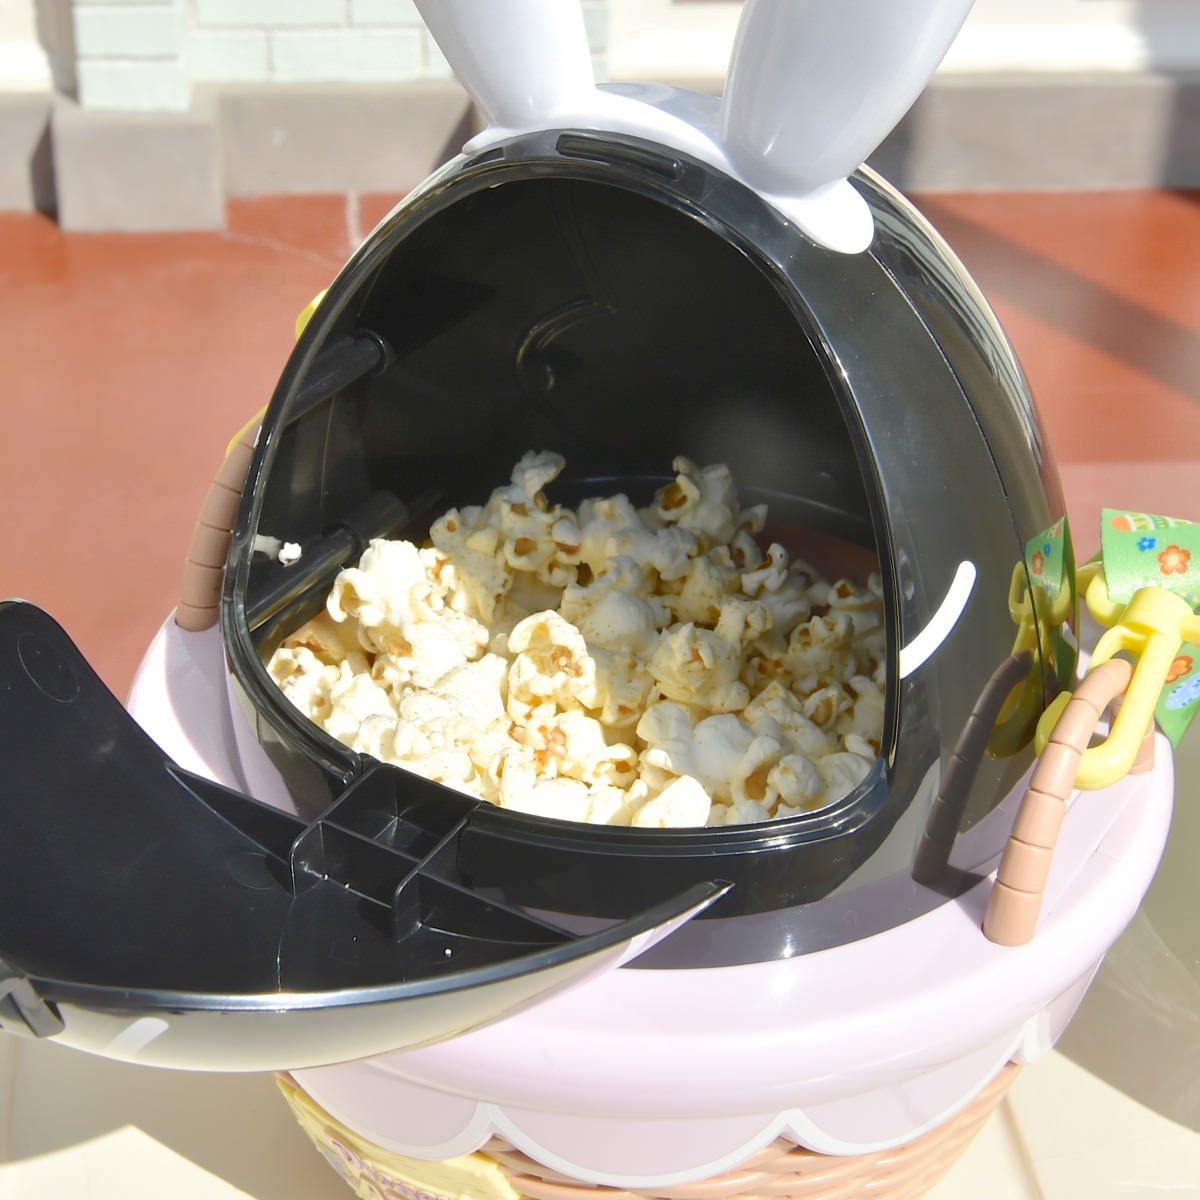 X射線【C141003】日本東京迪士尼代購-米奇Mickey 復活節彩蛋限定版造型爆米花桶,包包掛飾 / 鑰匙圈 / 置物桶 / 收納架 / 收納包 3